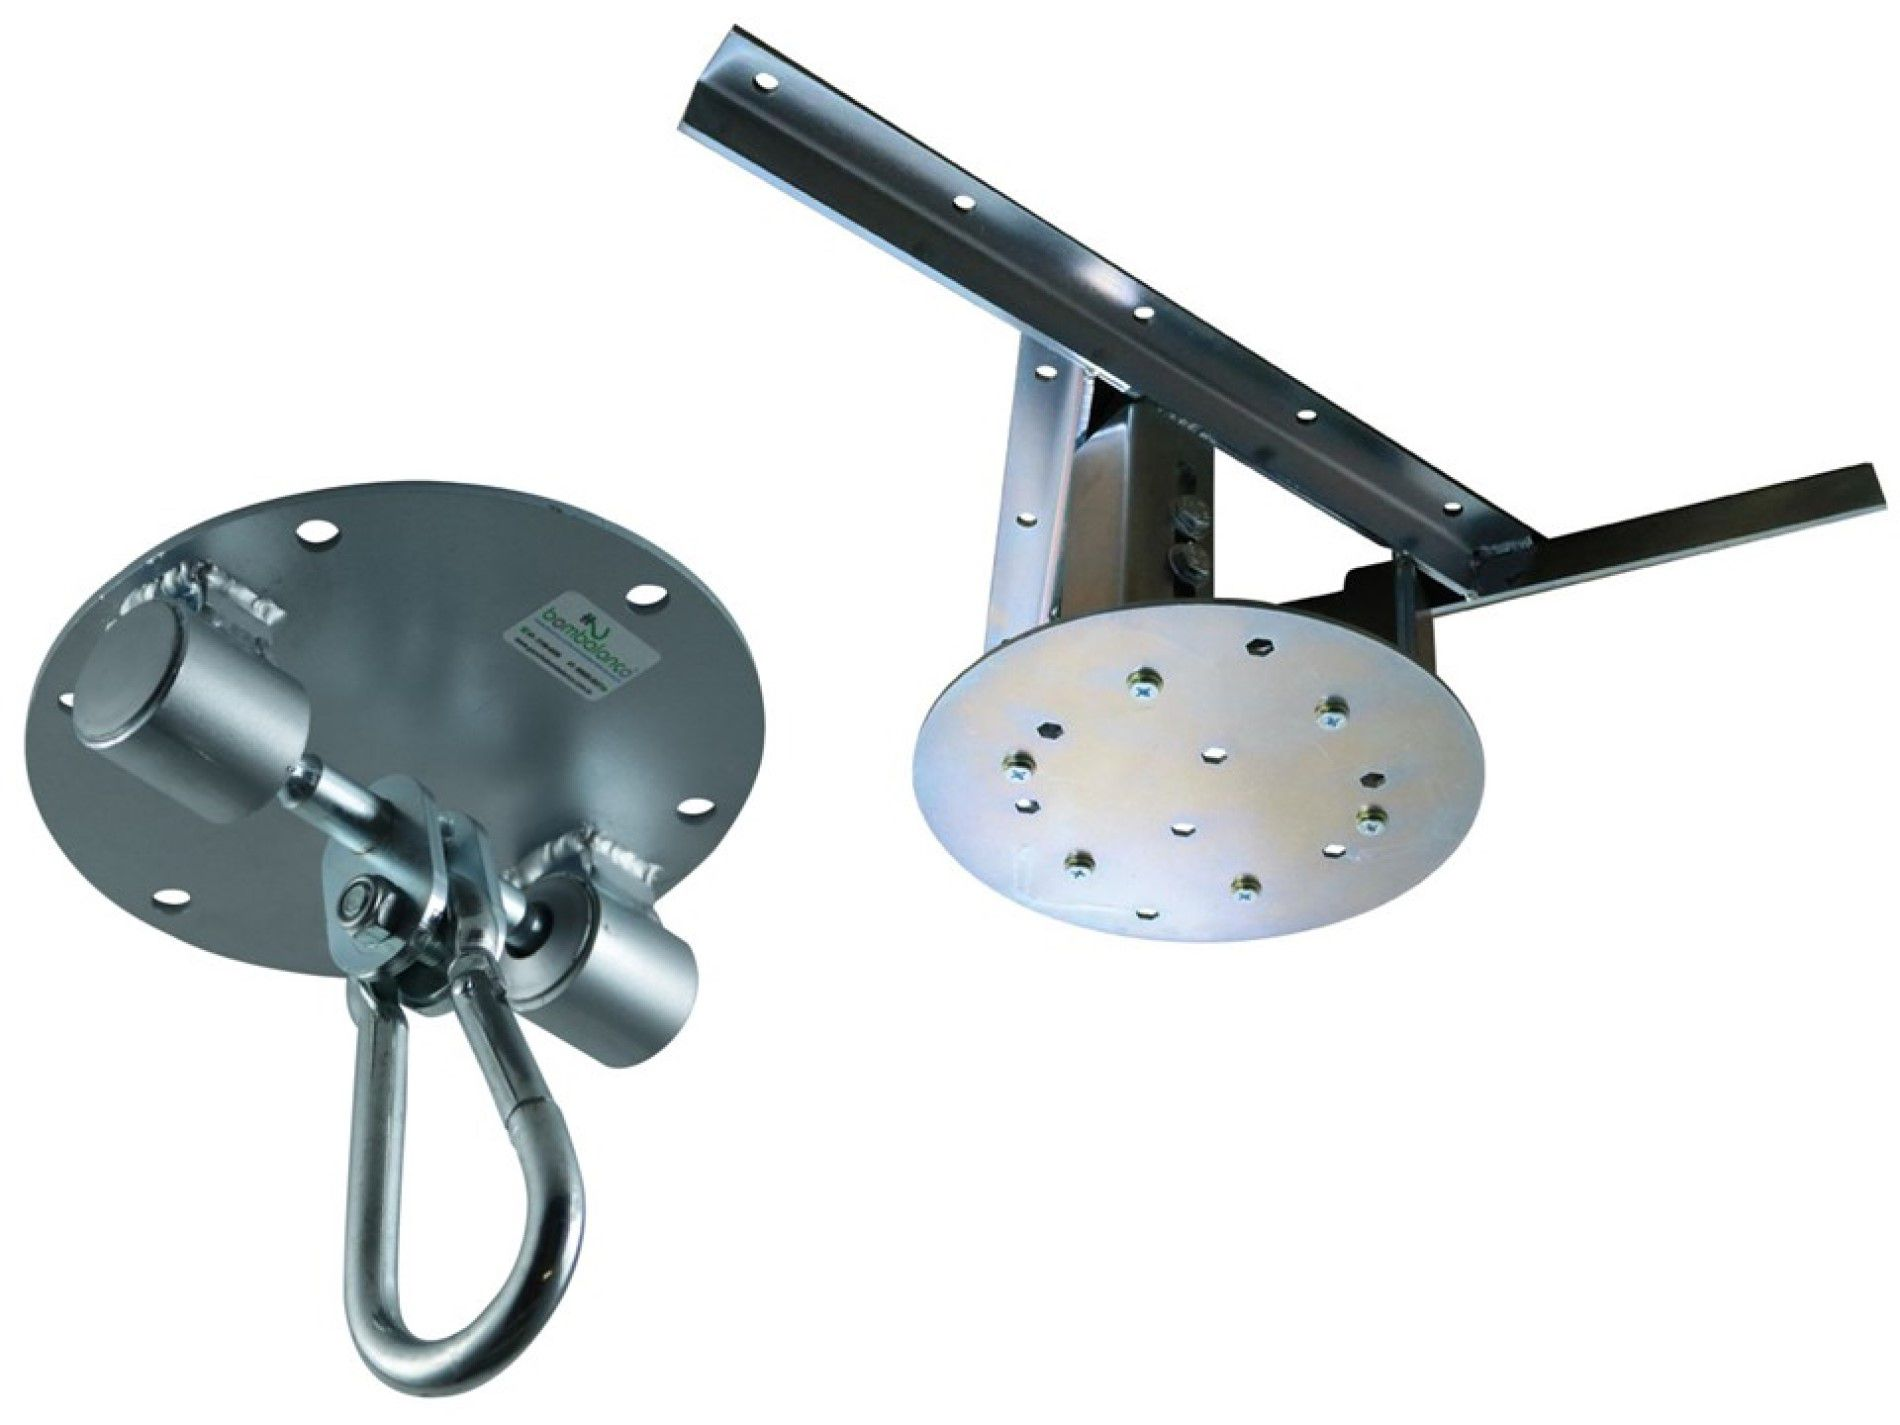 Kit extensor ajustável para teto com forro de gesso - 60 a 96 cm + balanço Stronger - capacidade 300 kg